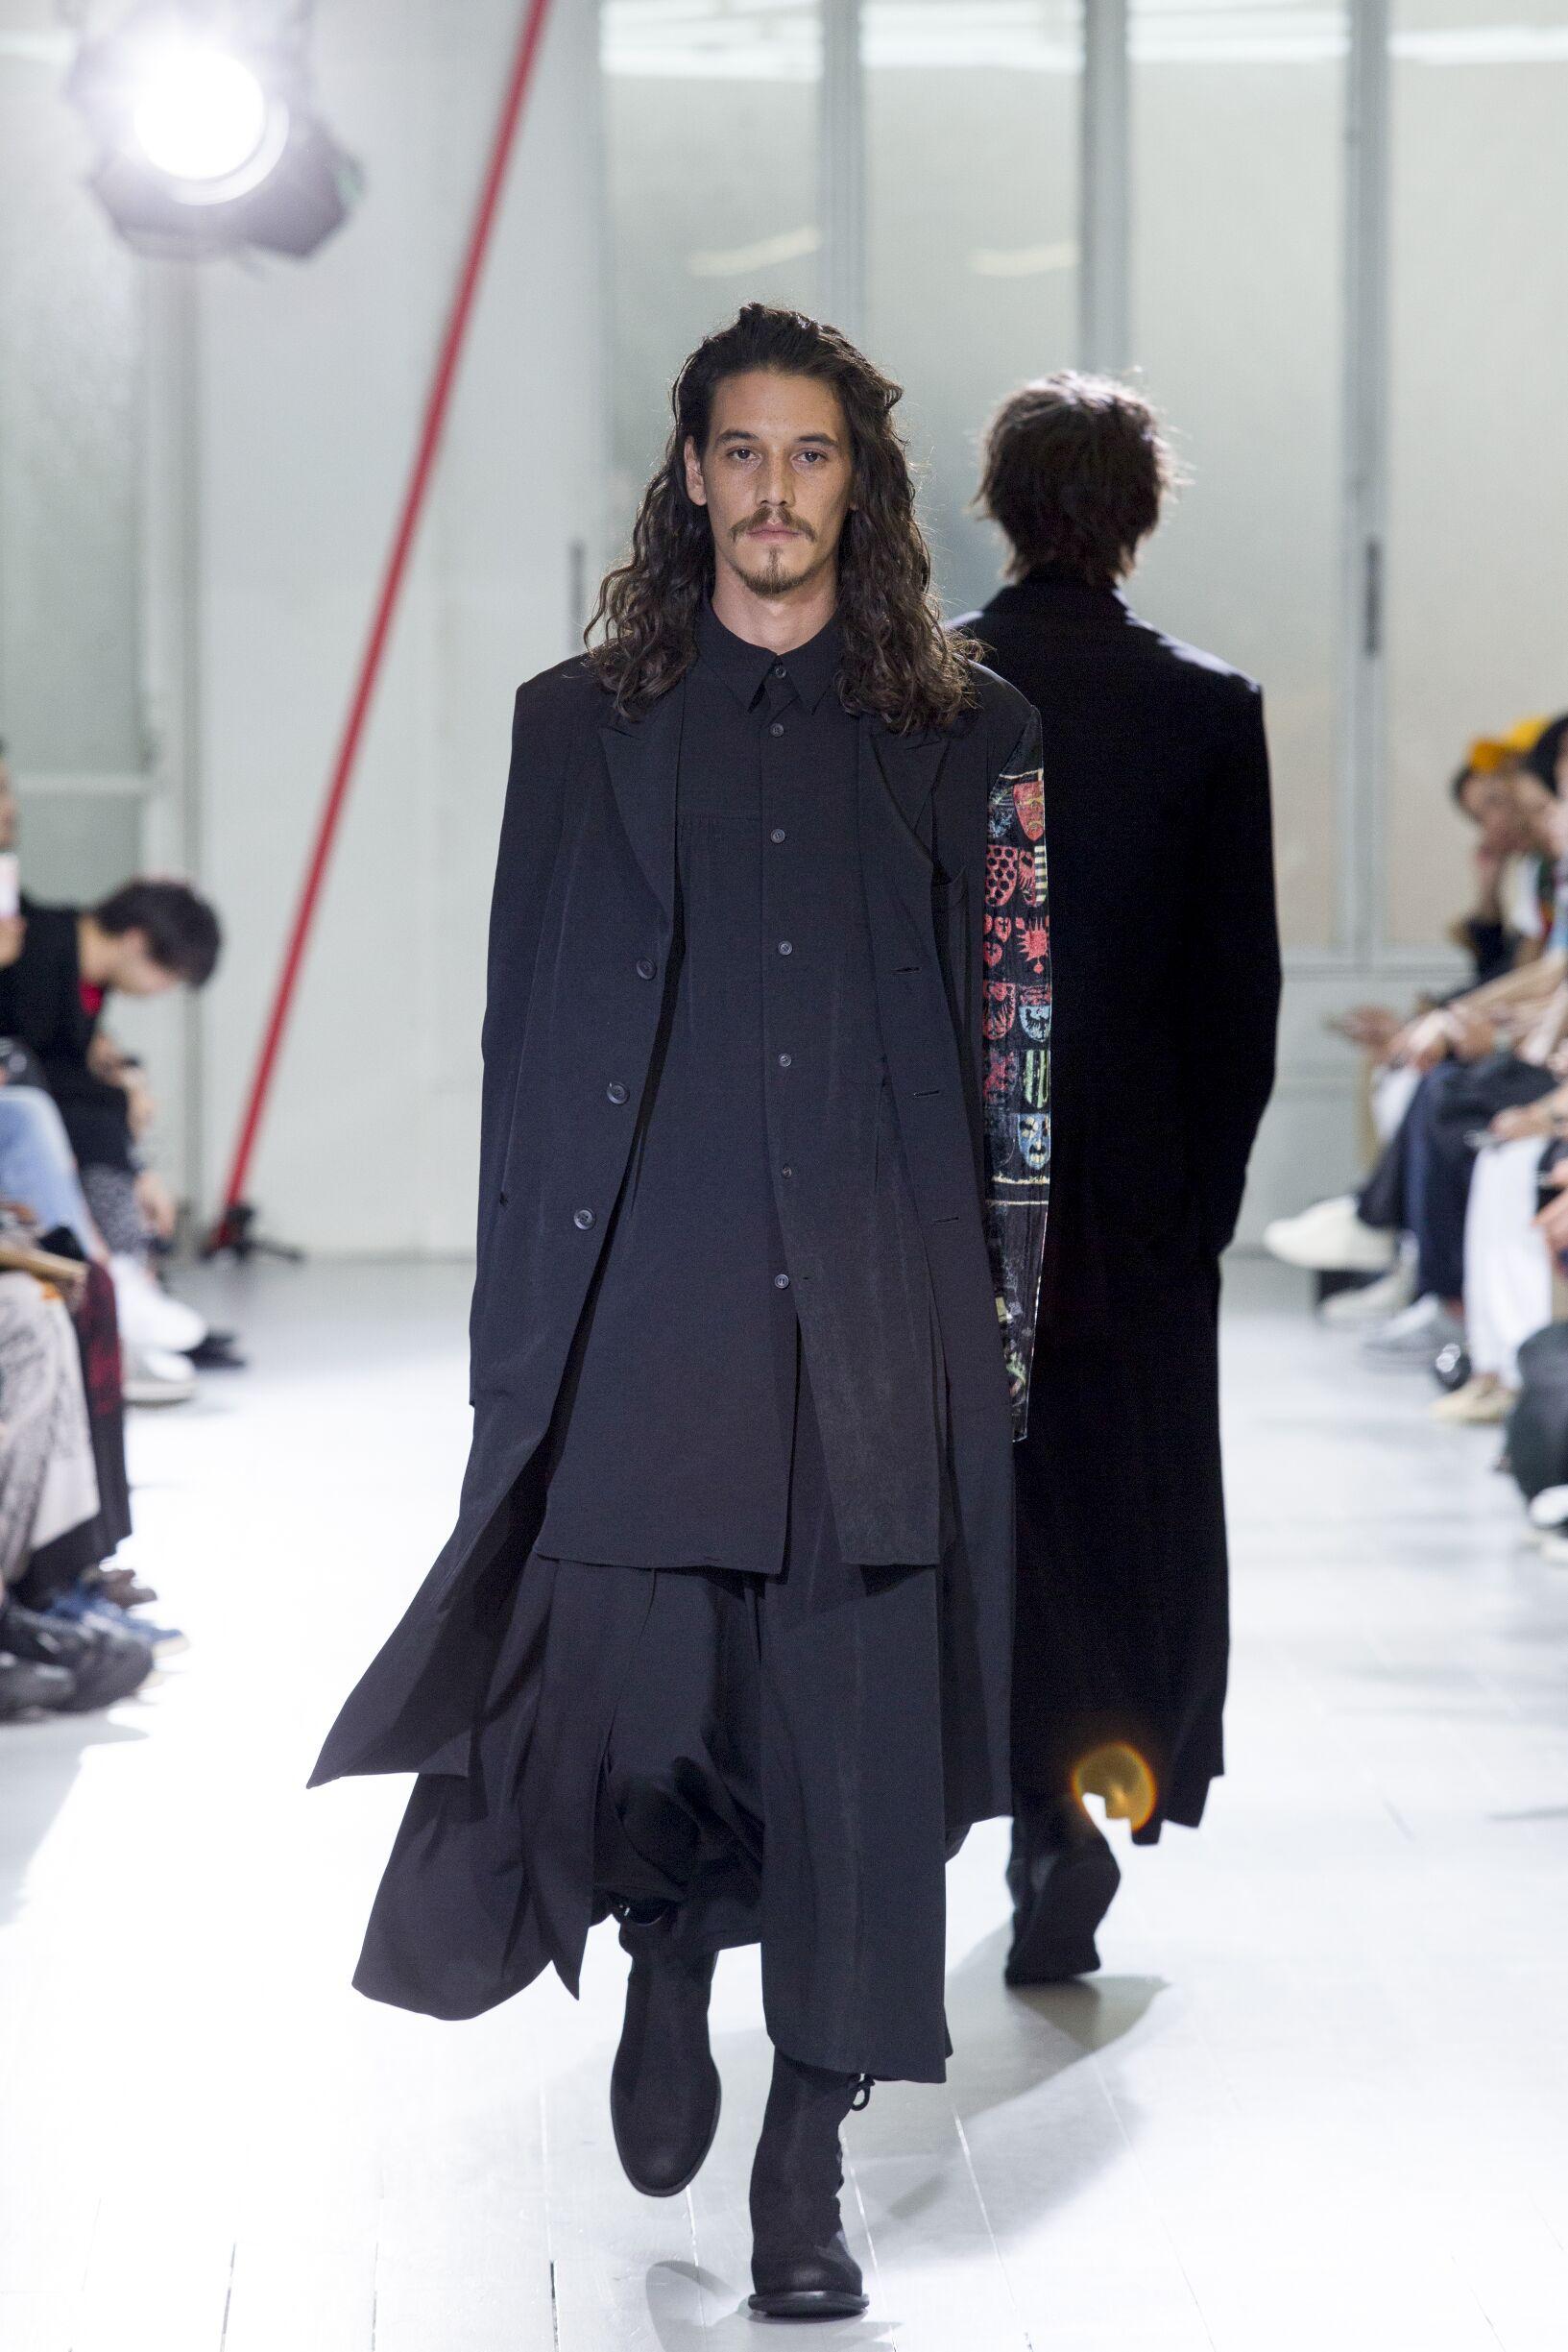 Catwalk Yohji Yamamoto Man Fashion Show Summer 2020